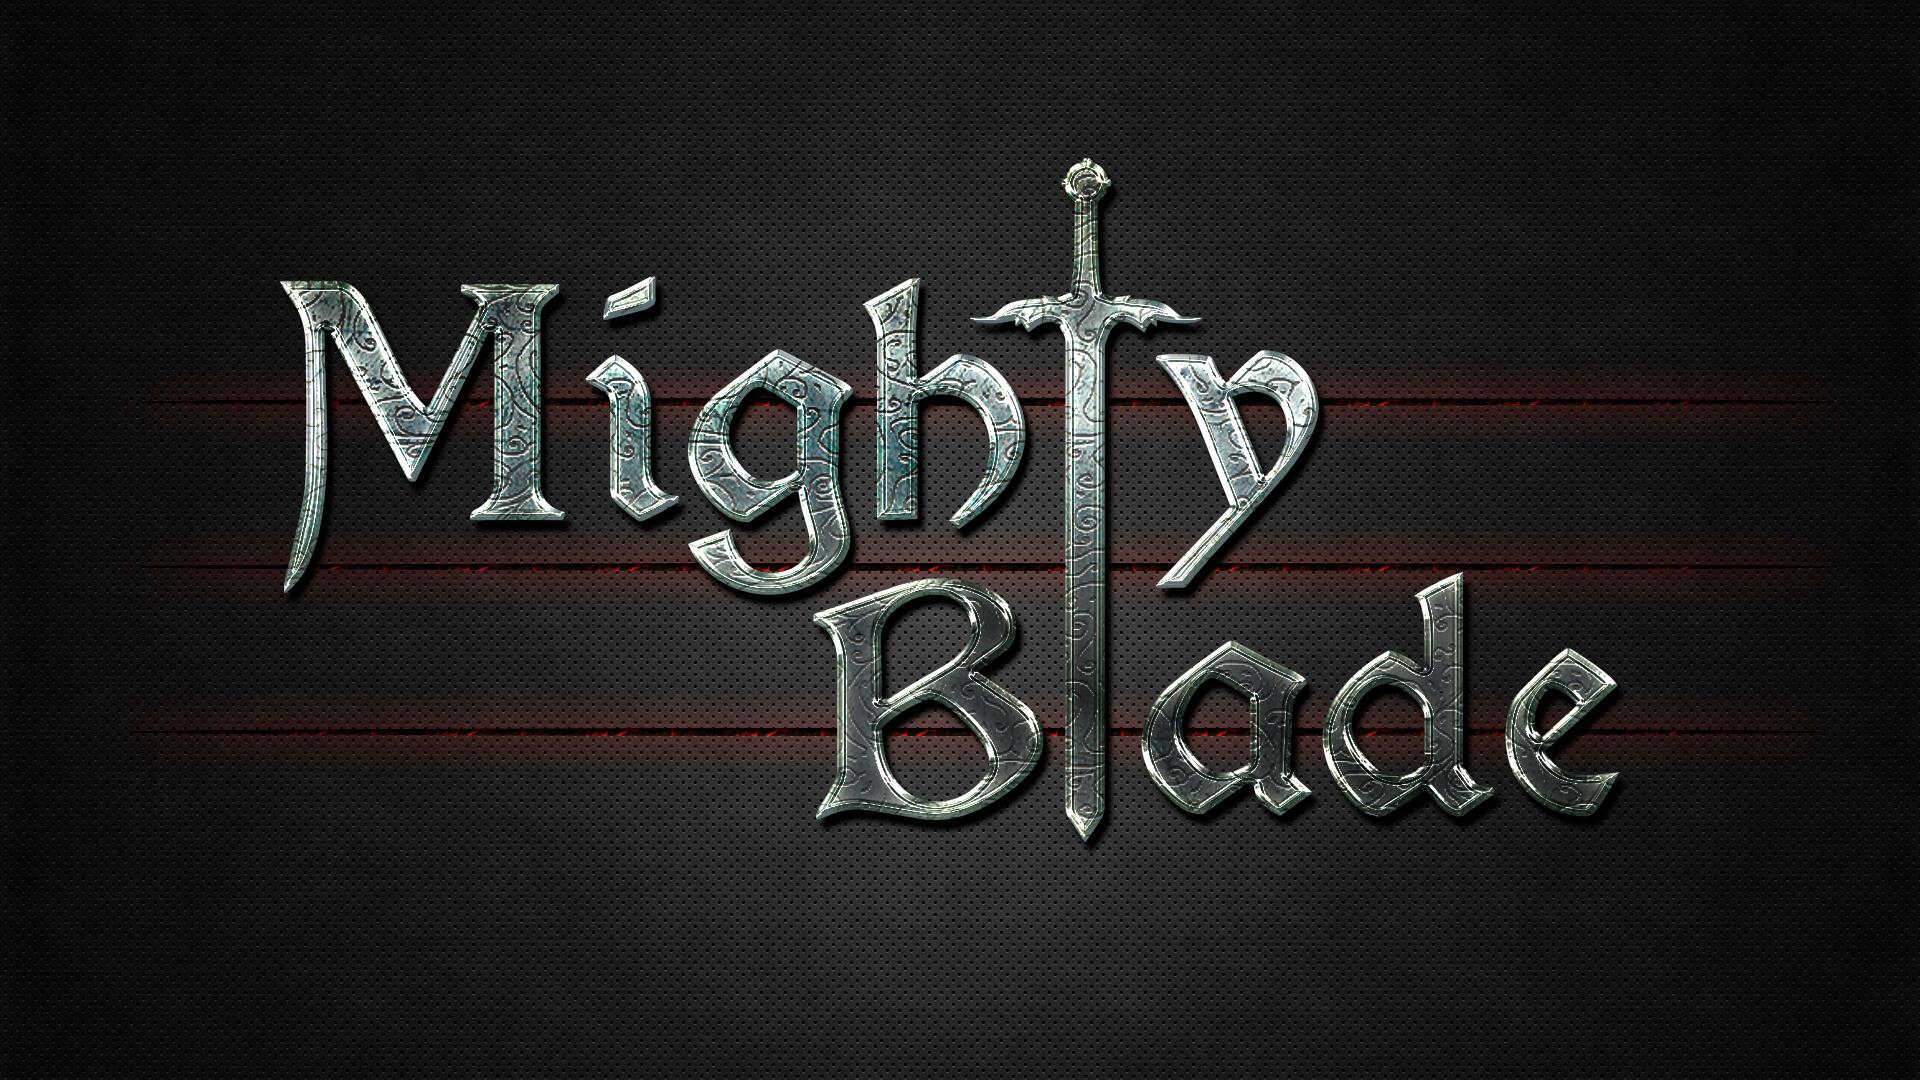 Nova edição do RPG Mighty Blade!